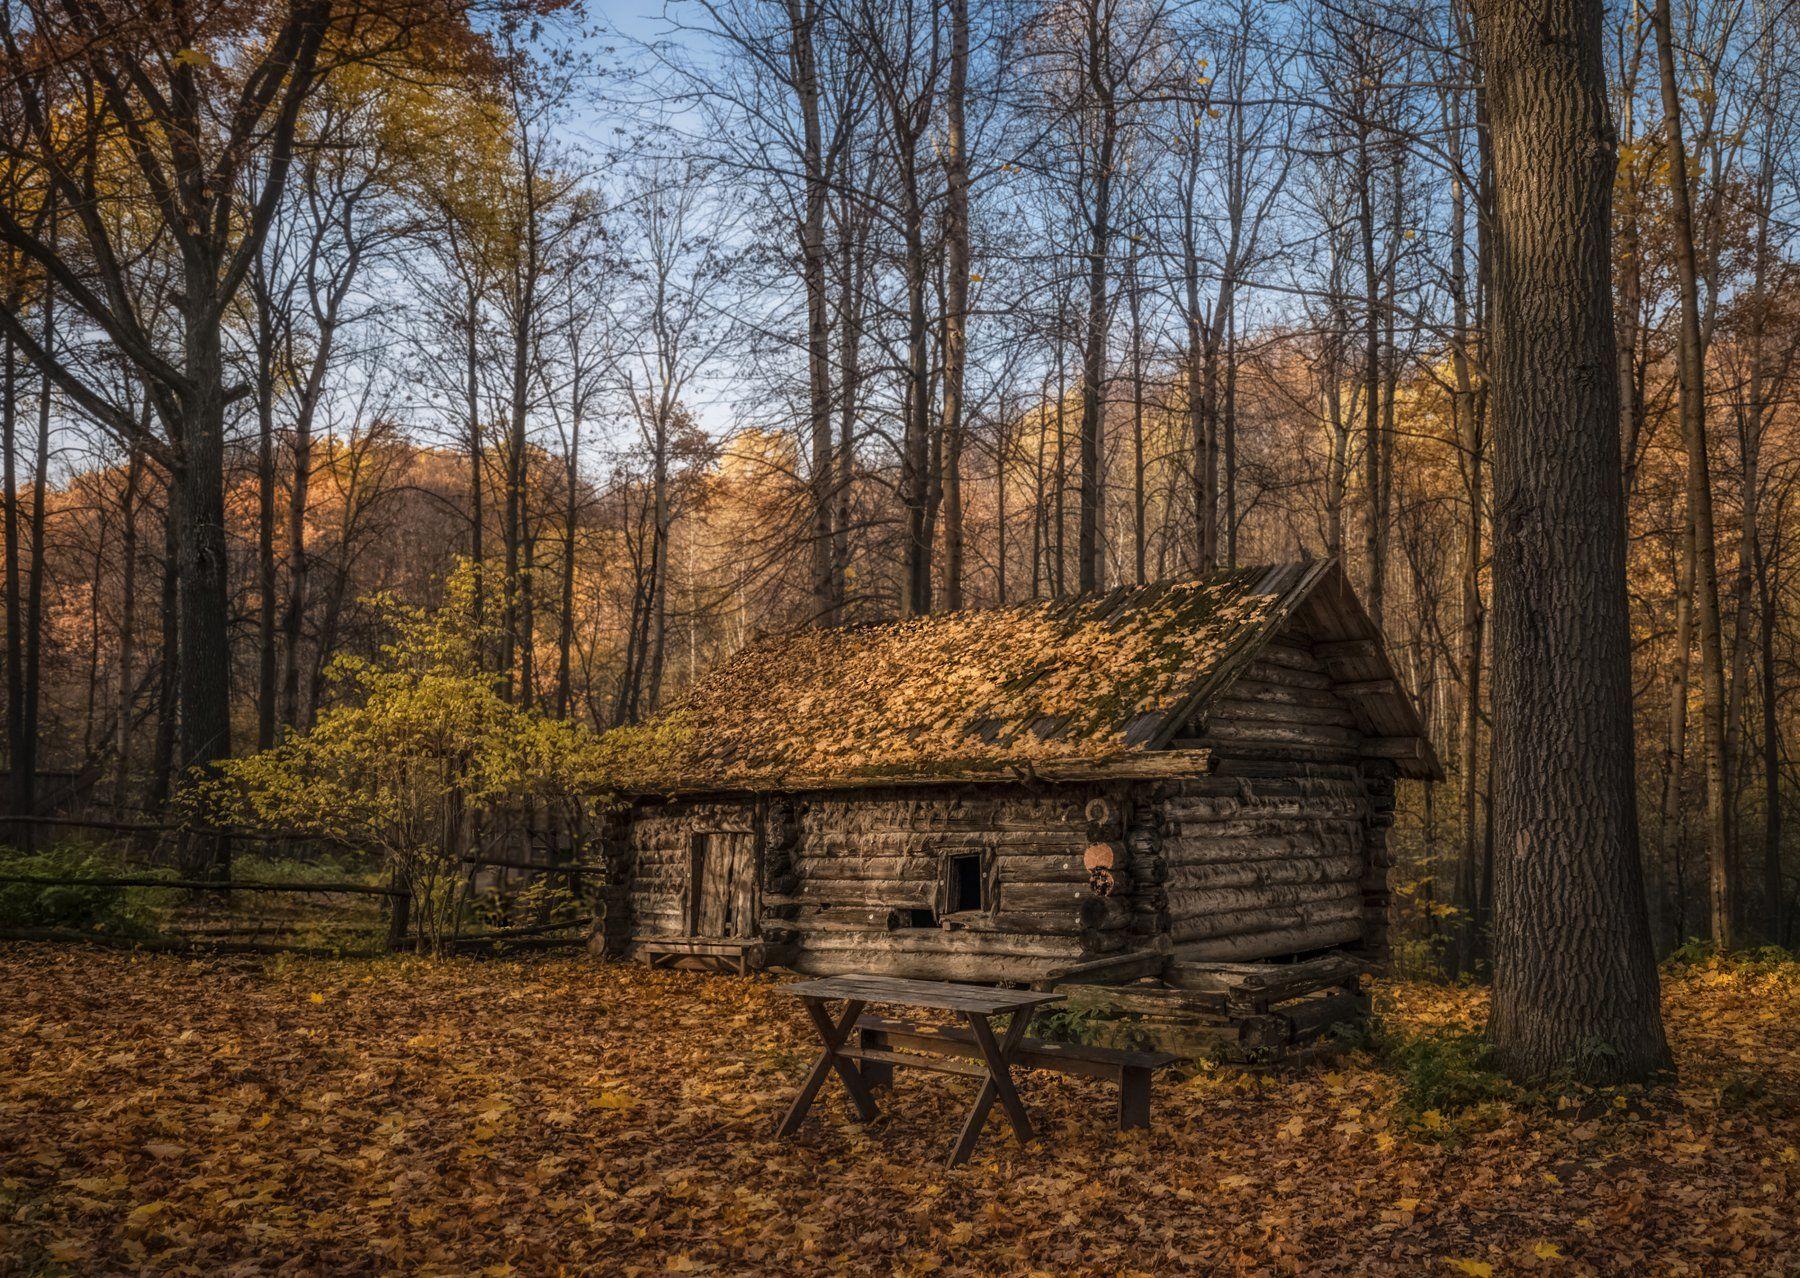 октябрь. заброшенная банька. музей деревянного зодчества., Колесов Андрей